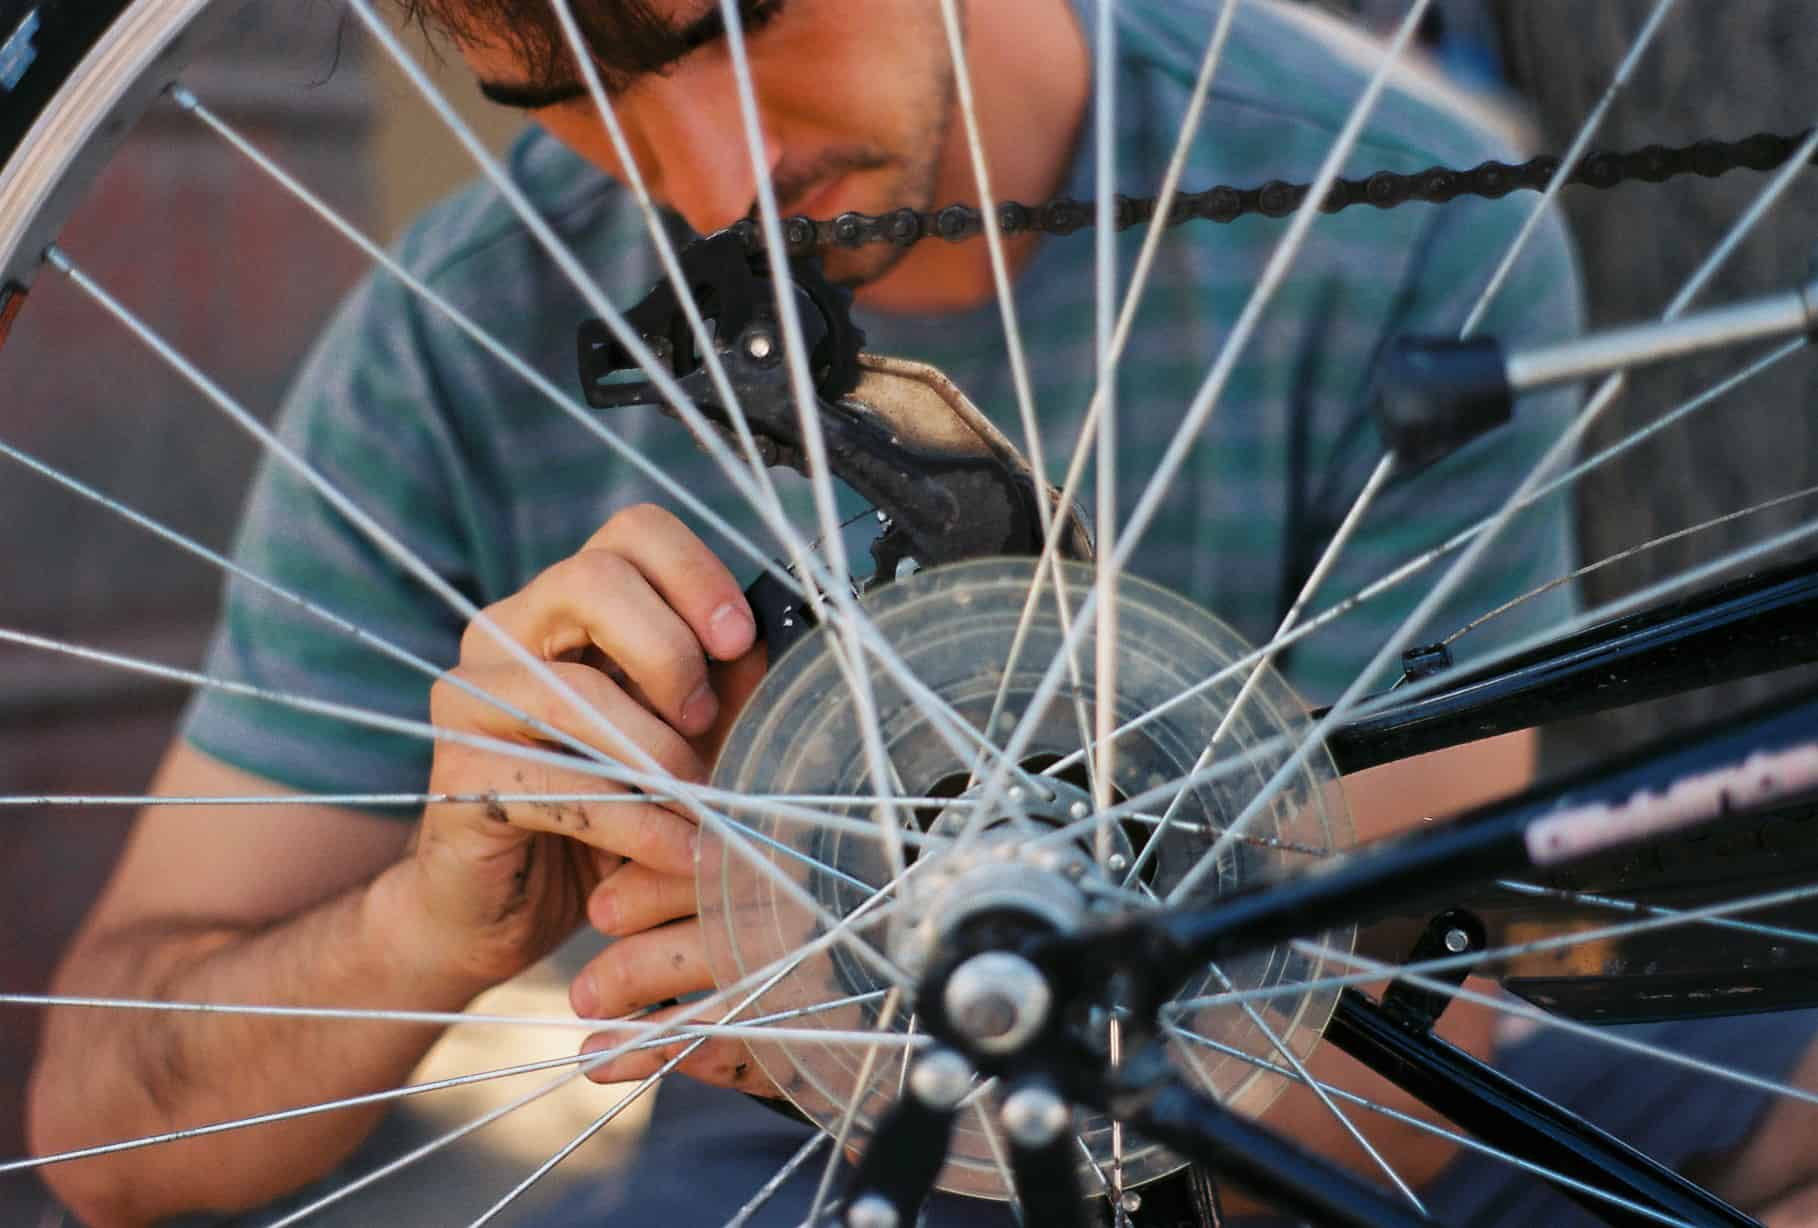 Nacho Fixes a Bike